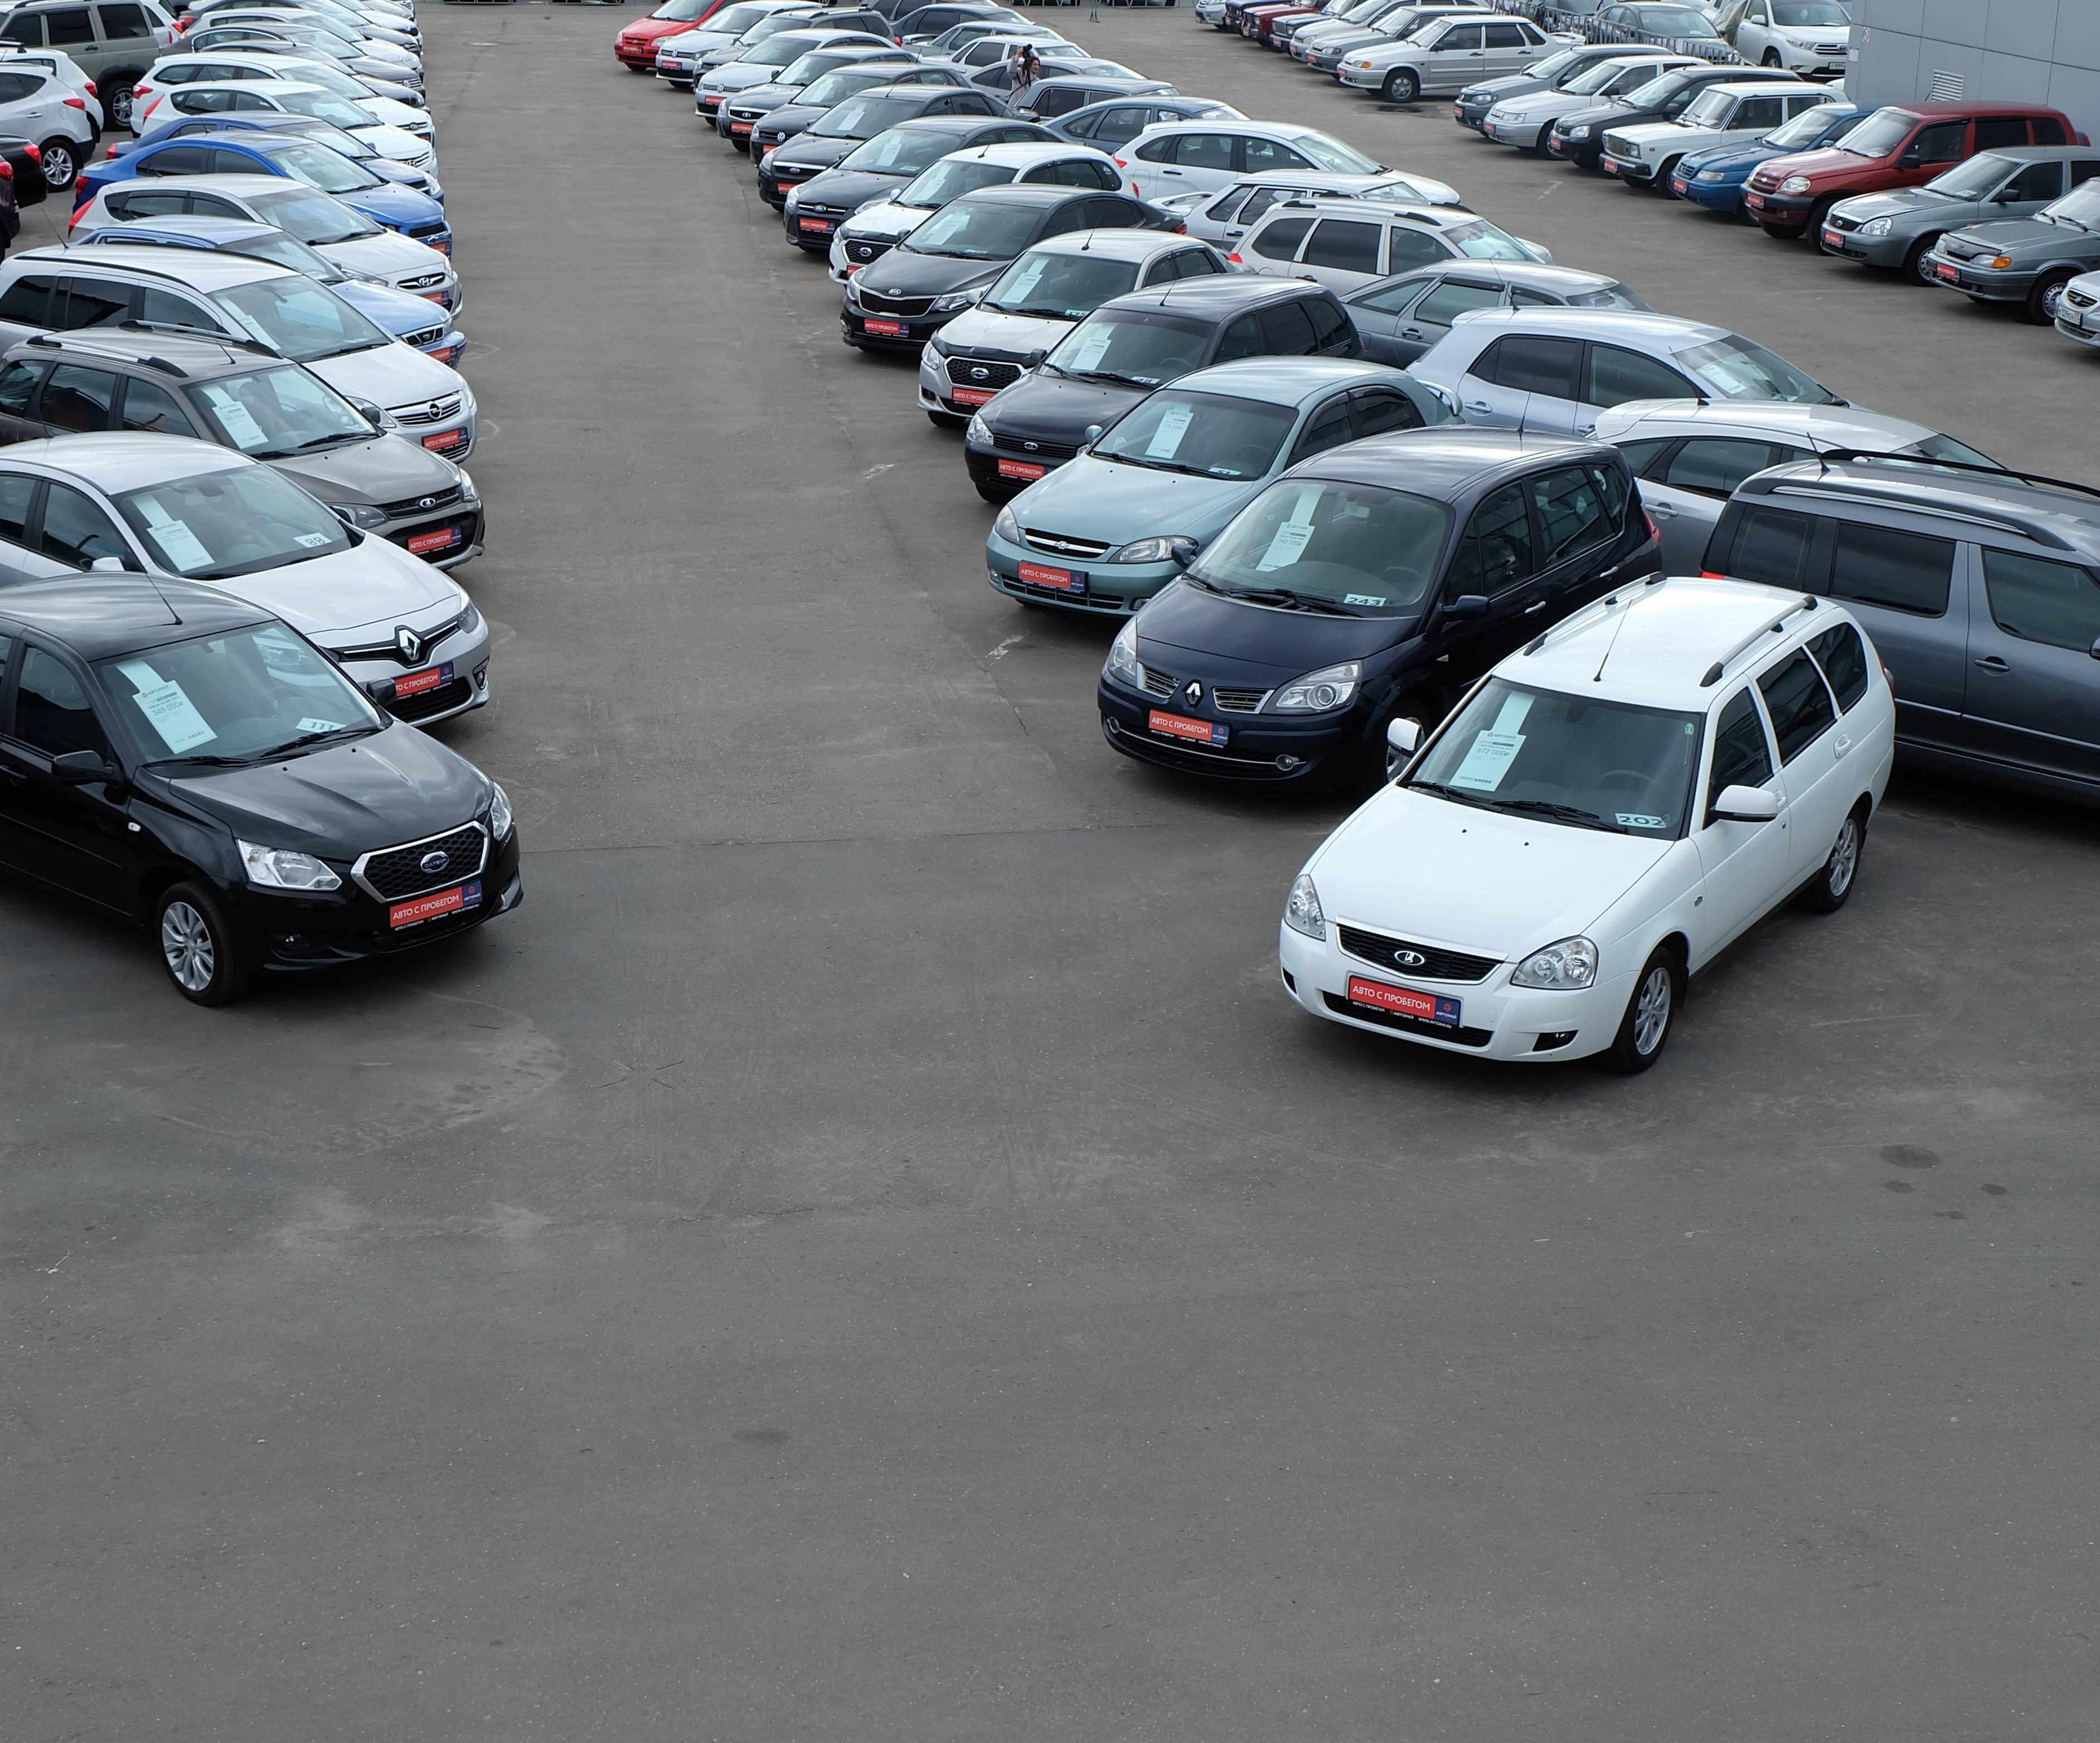 От каких продавцов подержанных машин надо держаться подальше